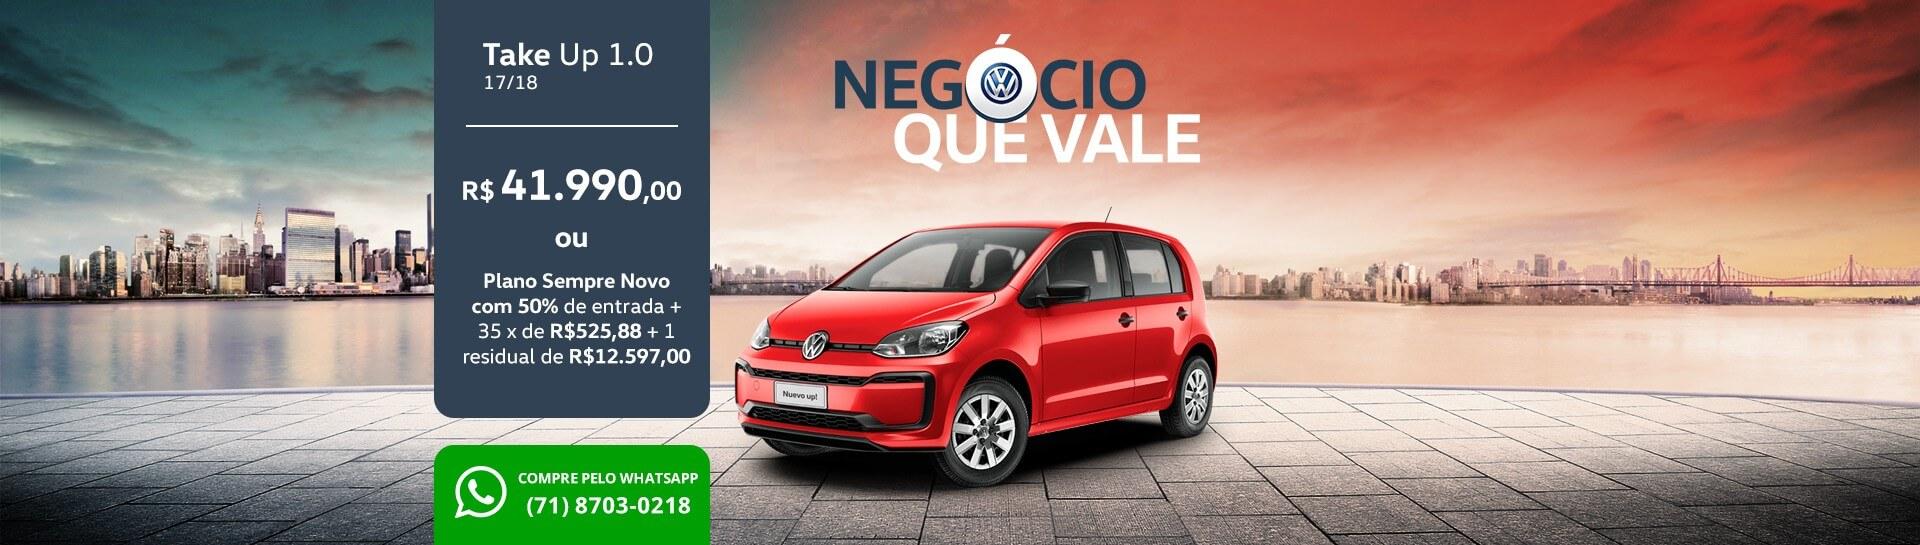 Negócio que Vale - up! - Sanave Volkswagen